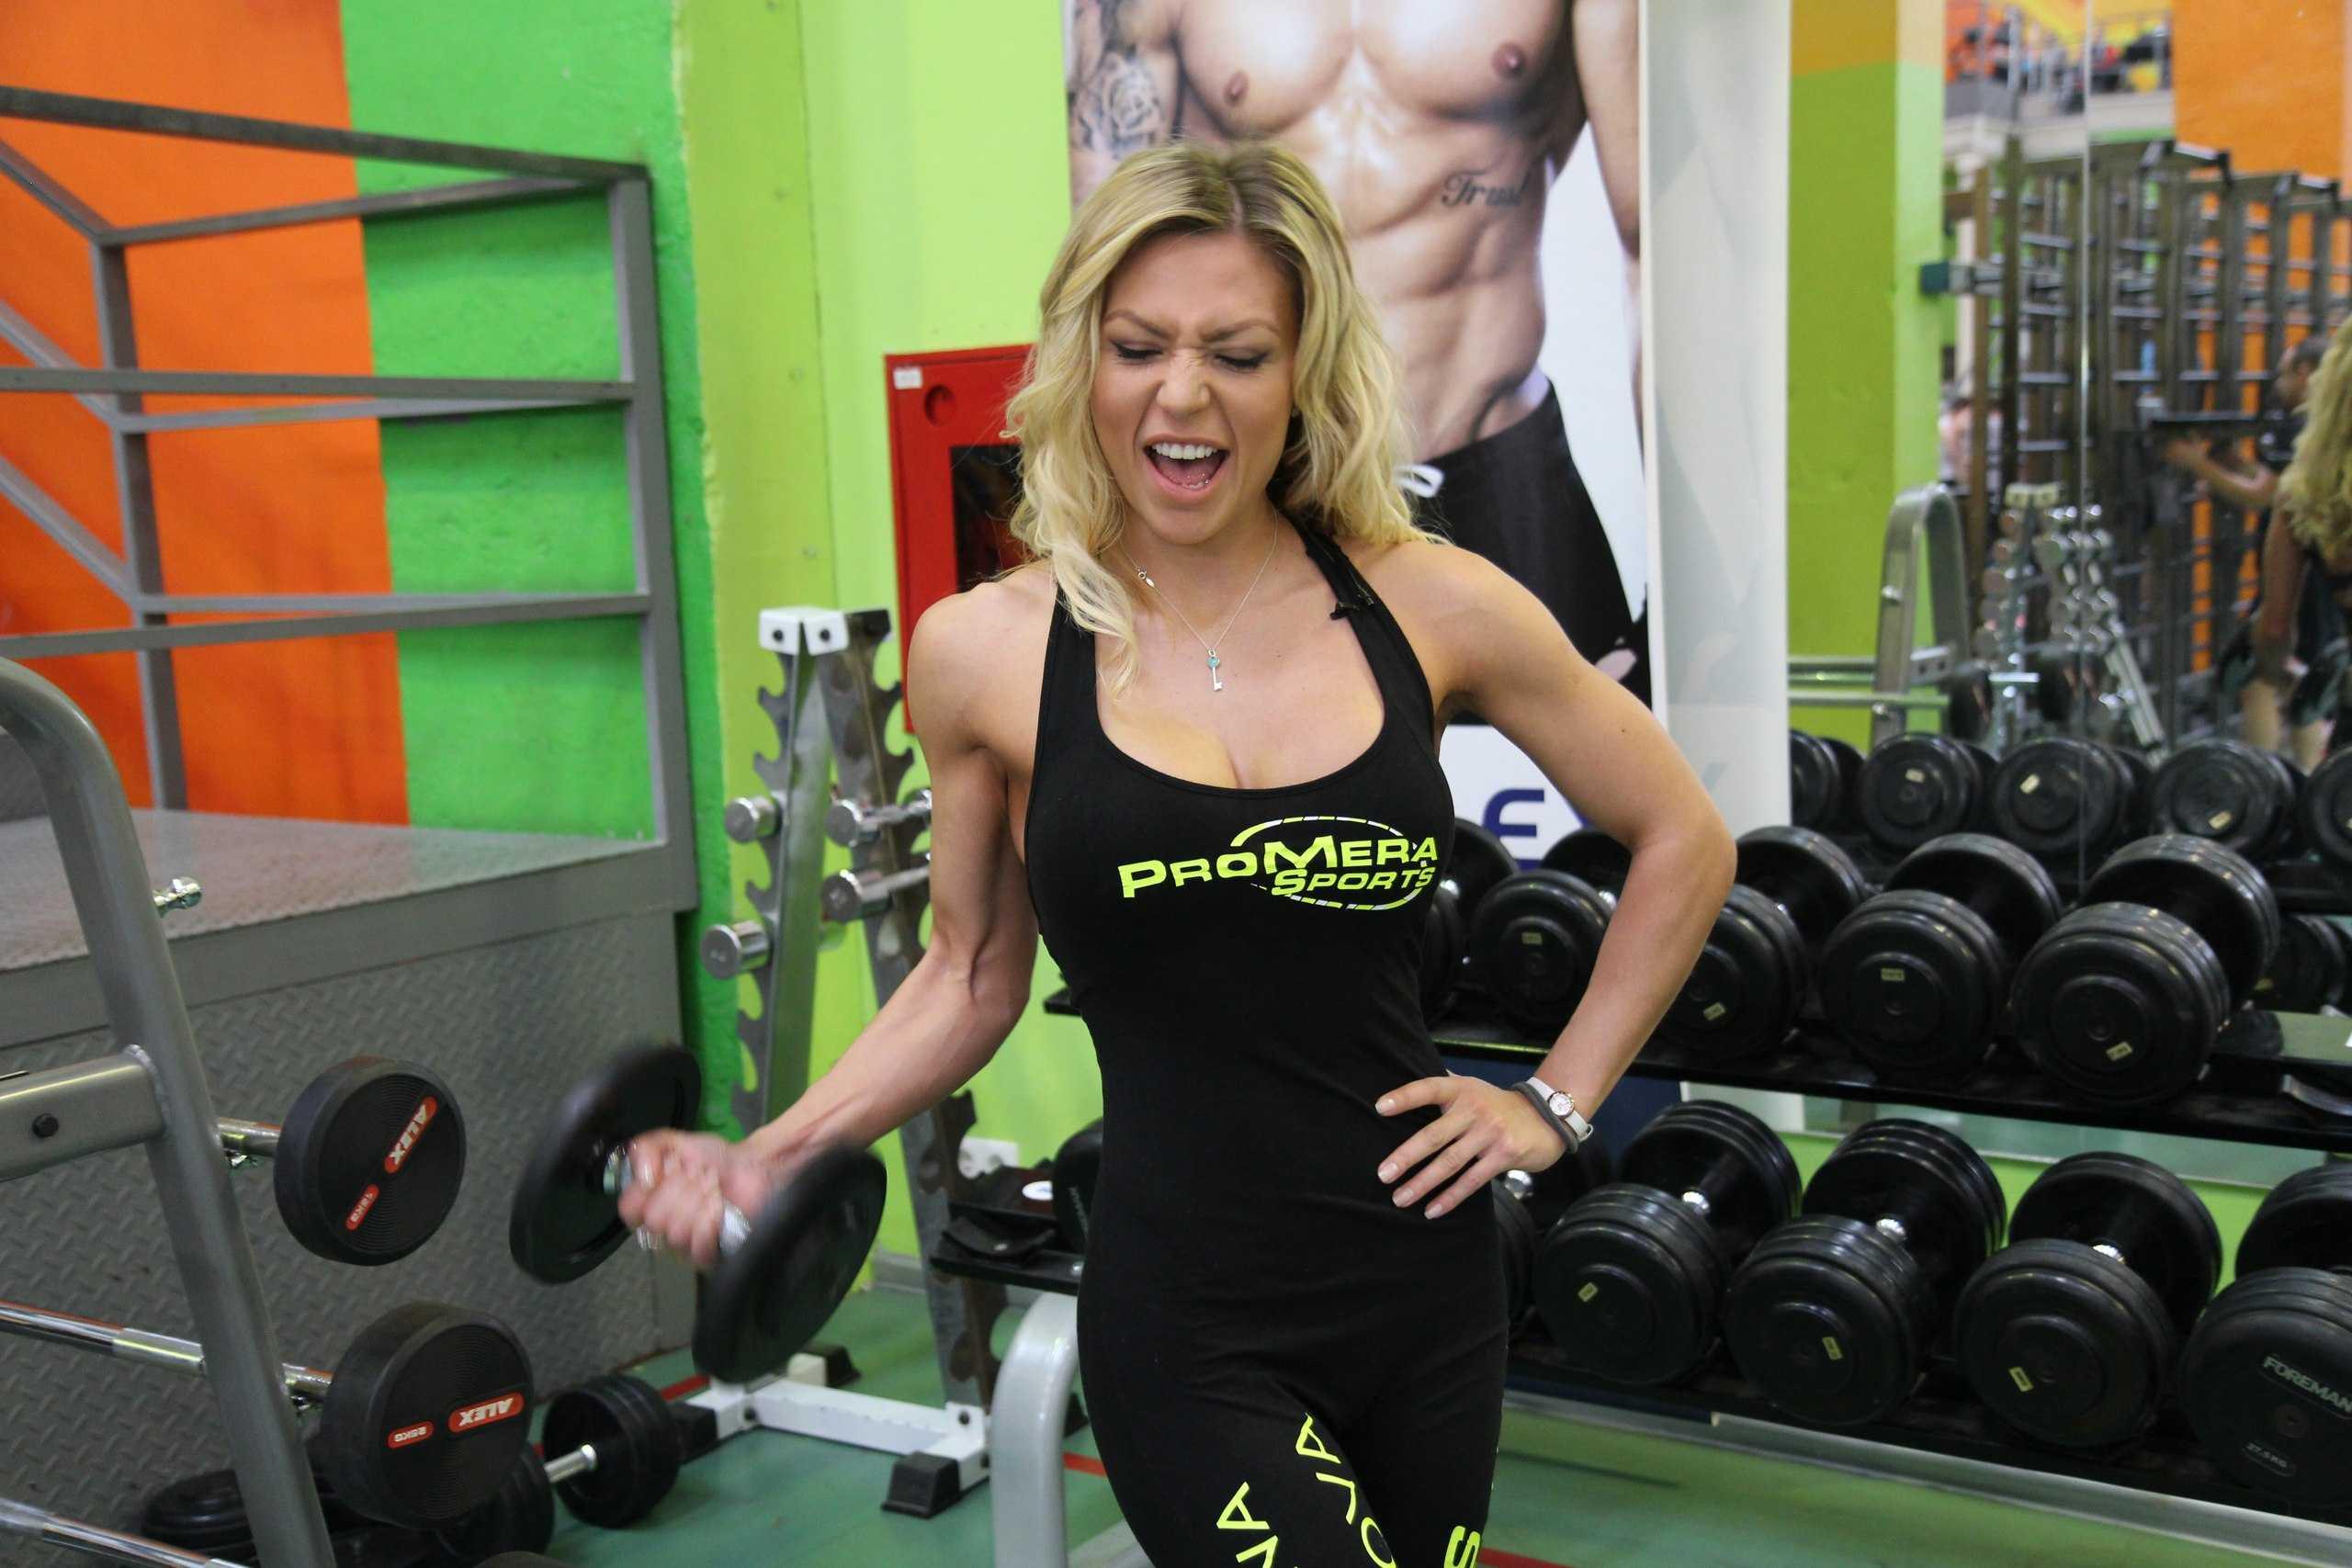 План тренировки фитнес-бикини: этап №1. • bodybuilding & fitness